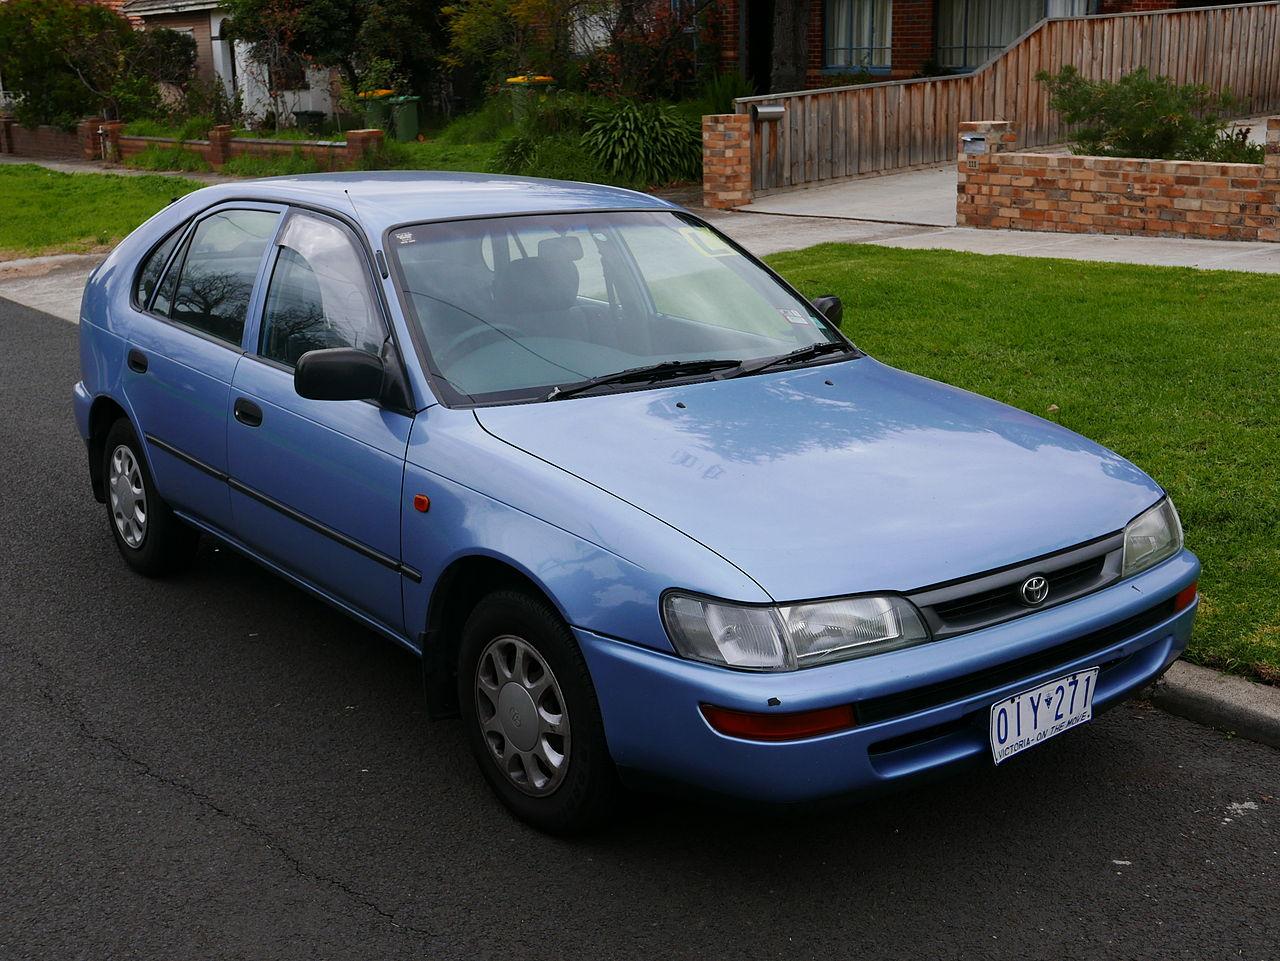 1997 Toyota Corolla 5 Doors  Partsopen